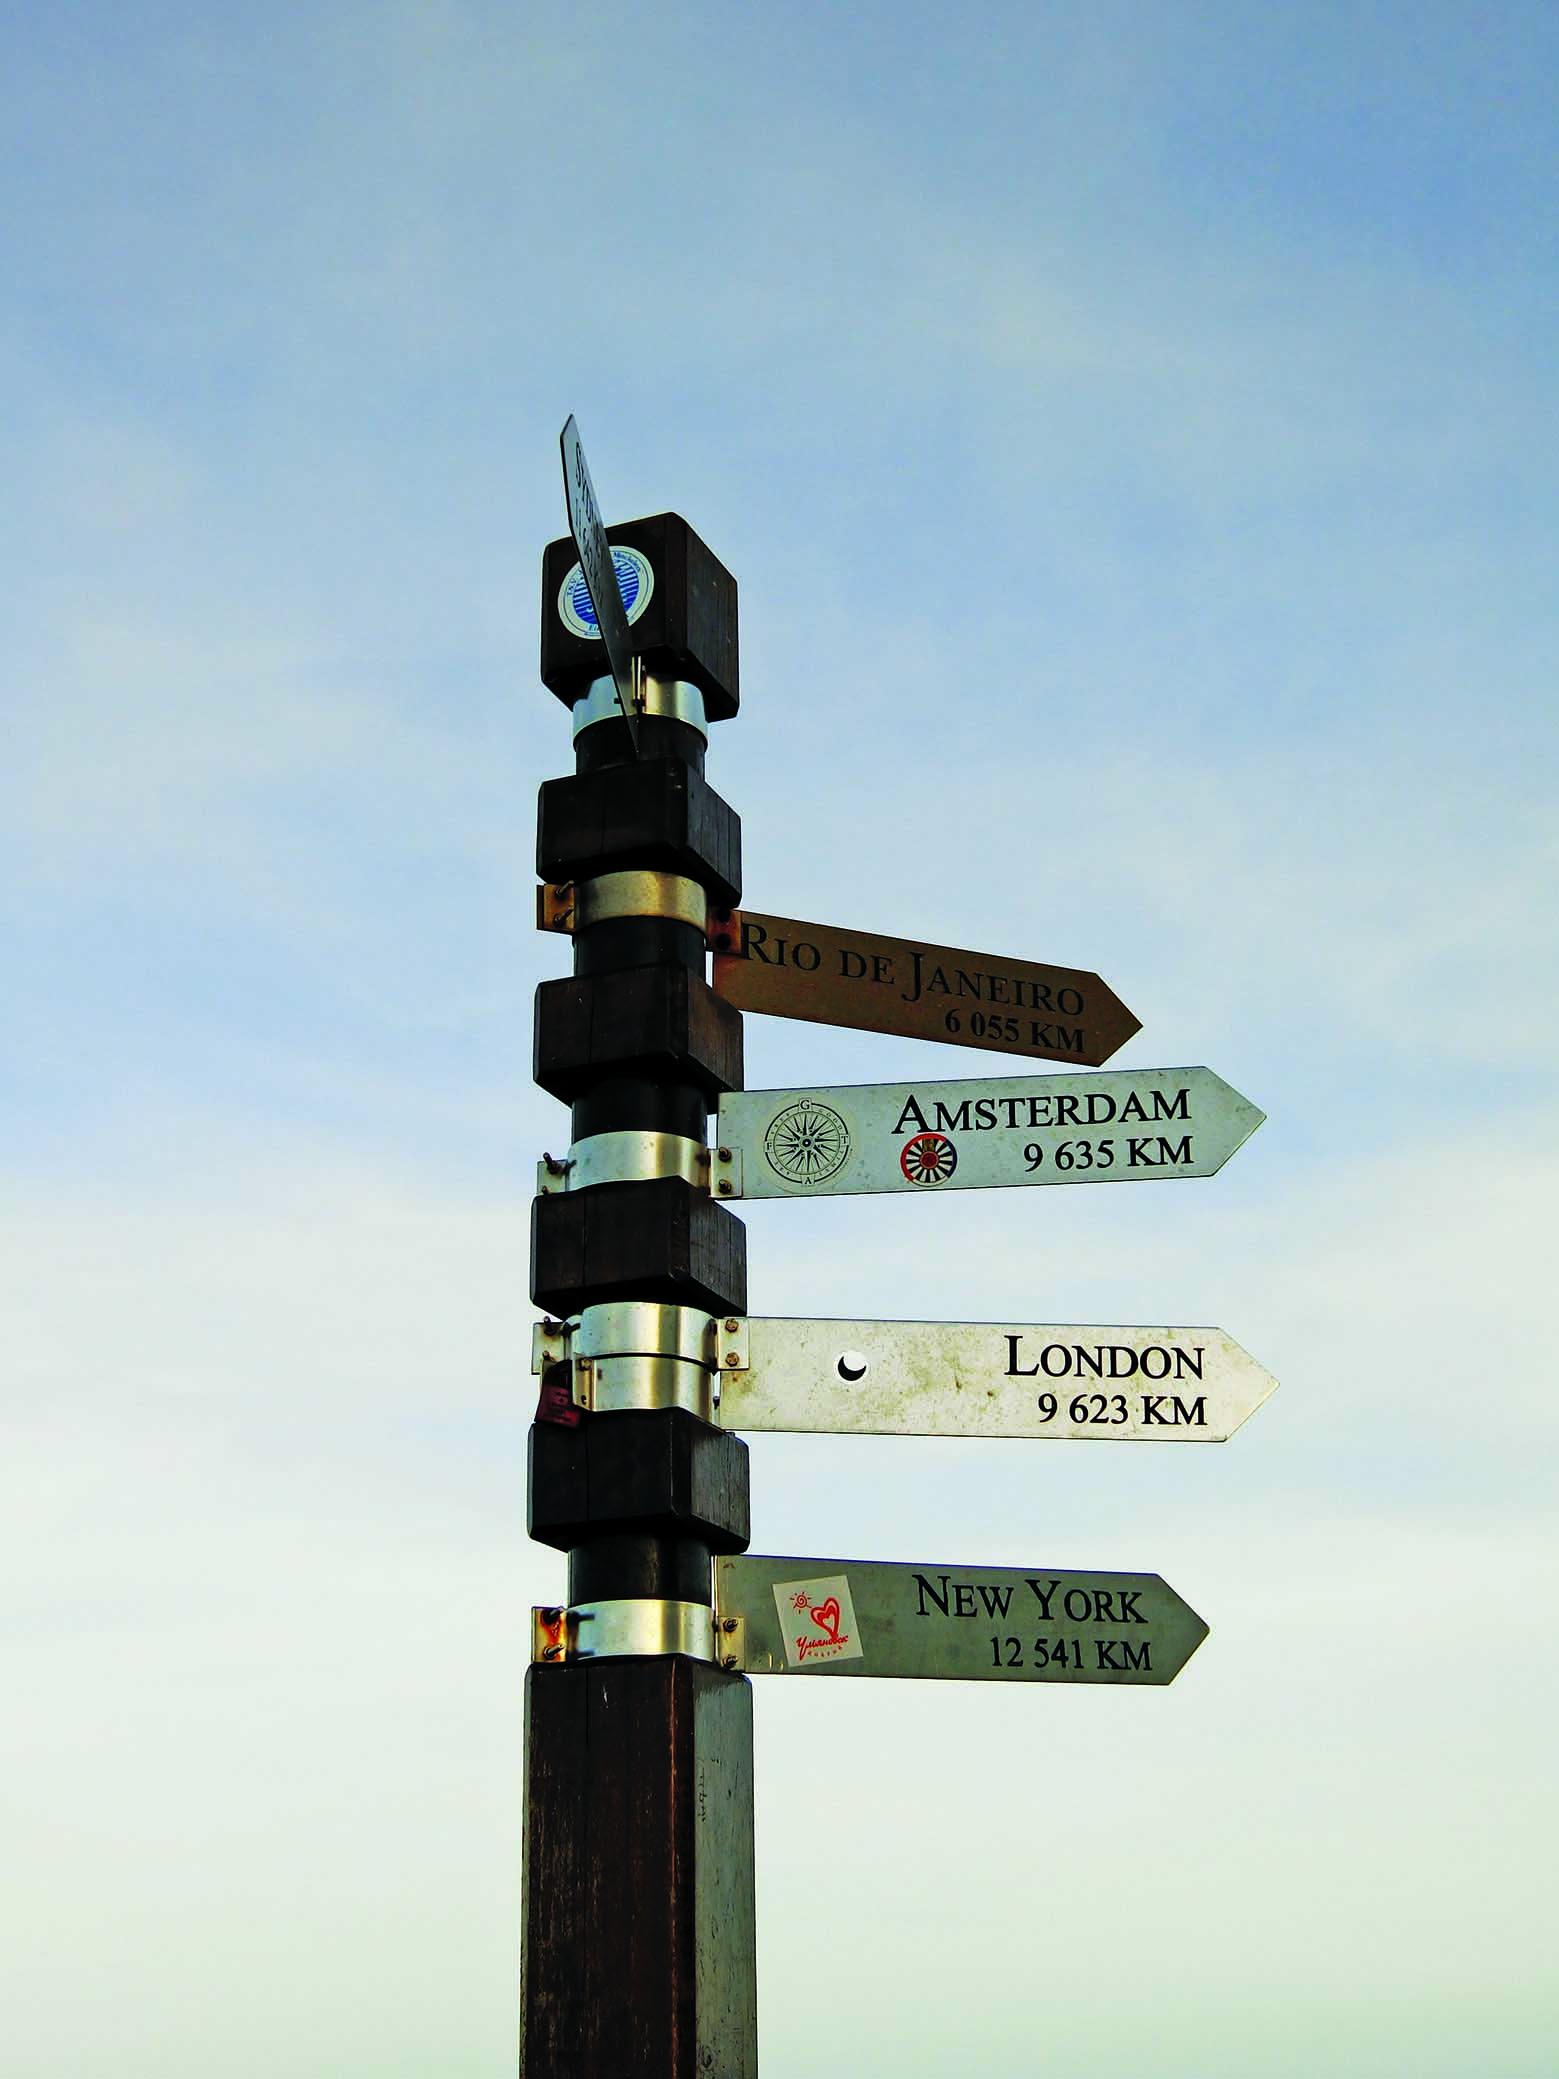 灯塔旁立了一根标志柱,上面清楚地写着世界上十个著名城市与灯塔的距离。